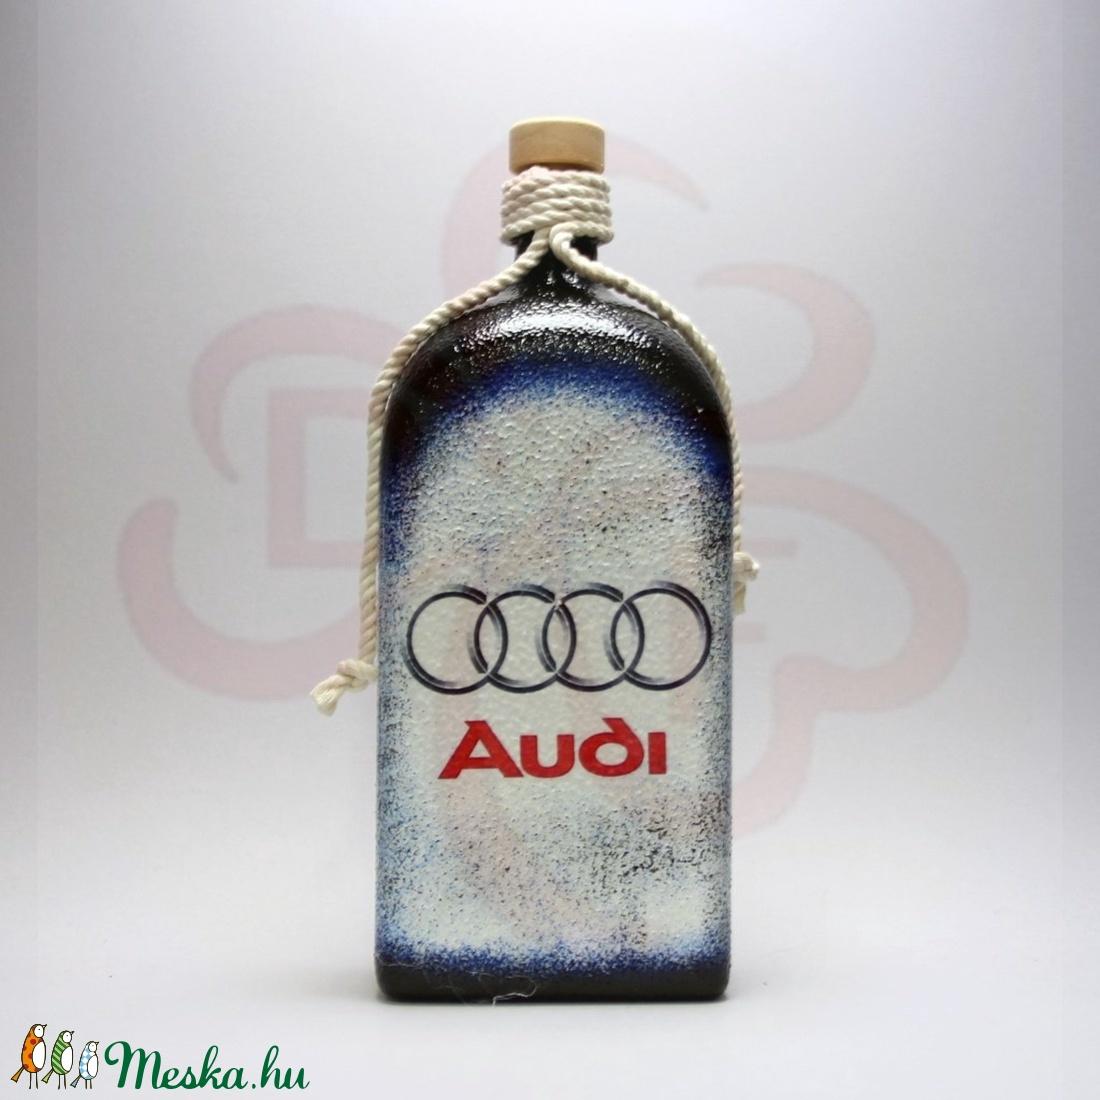 Audi pálinkás üveg ; Audi rajongóknak - Meska.hu